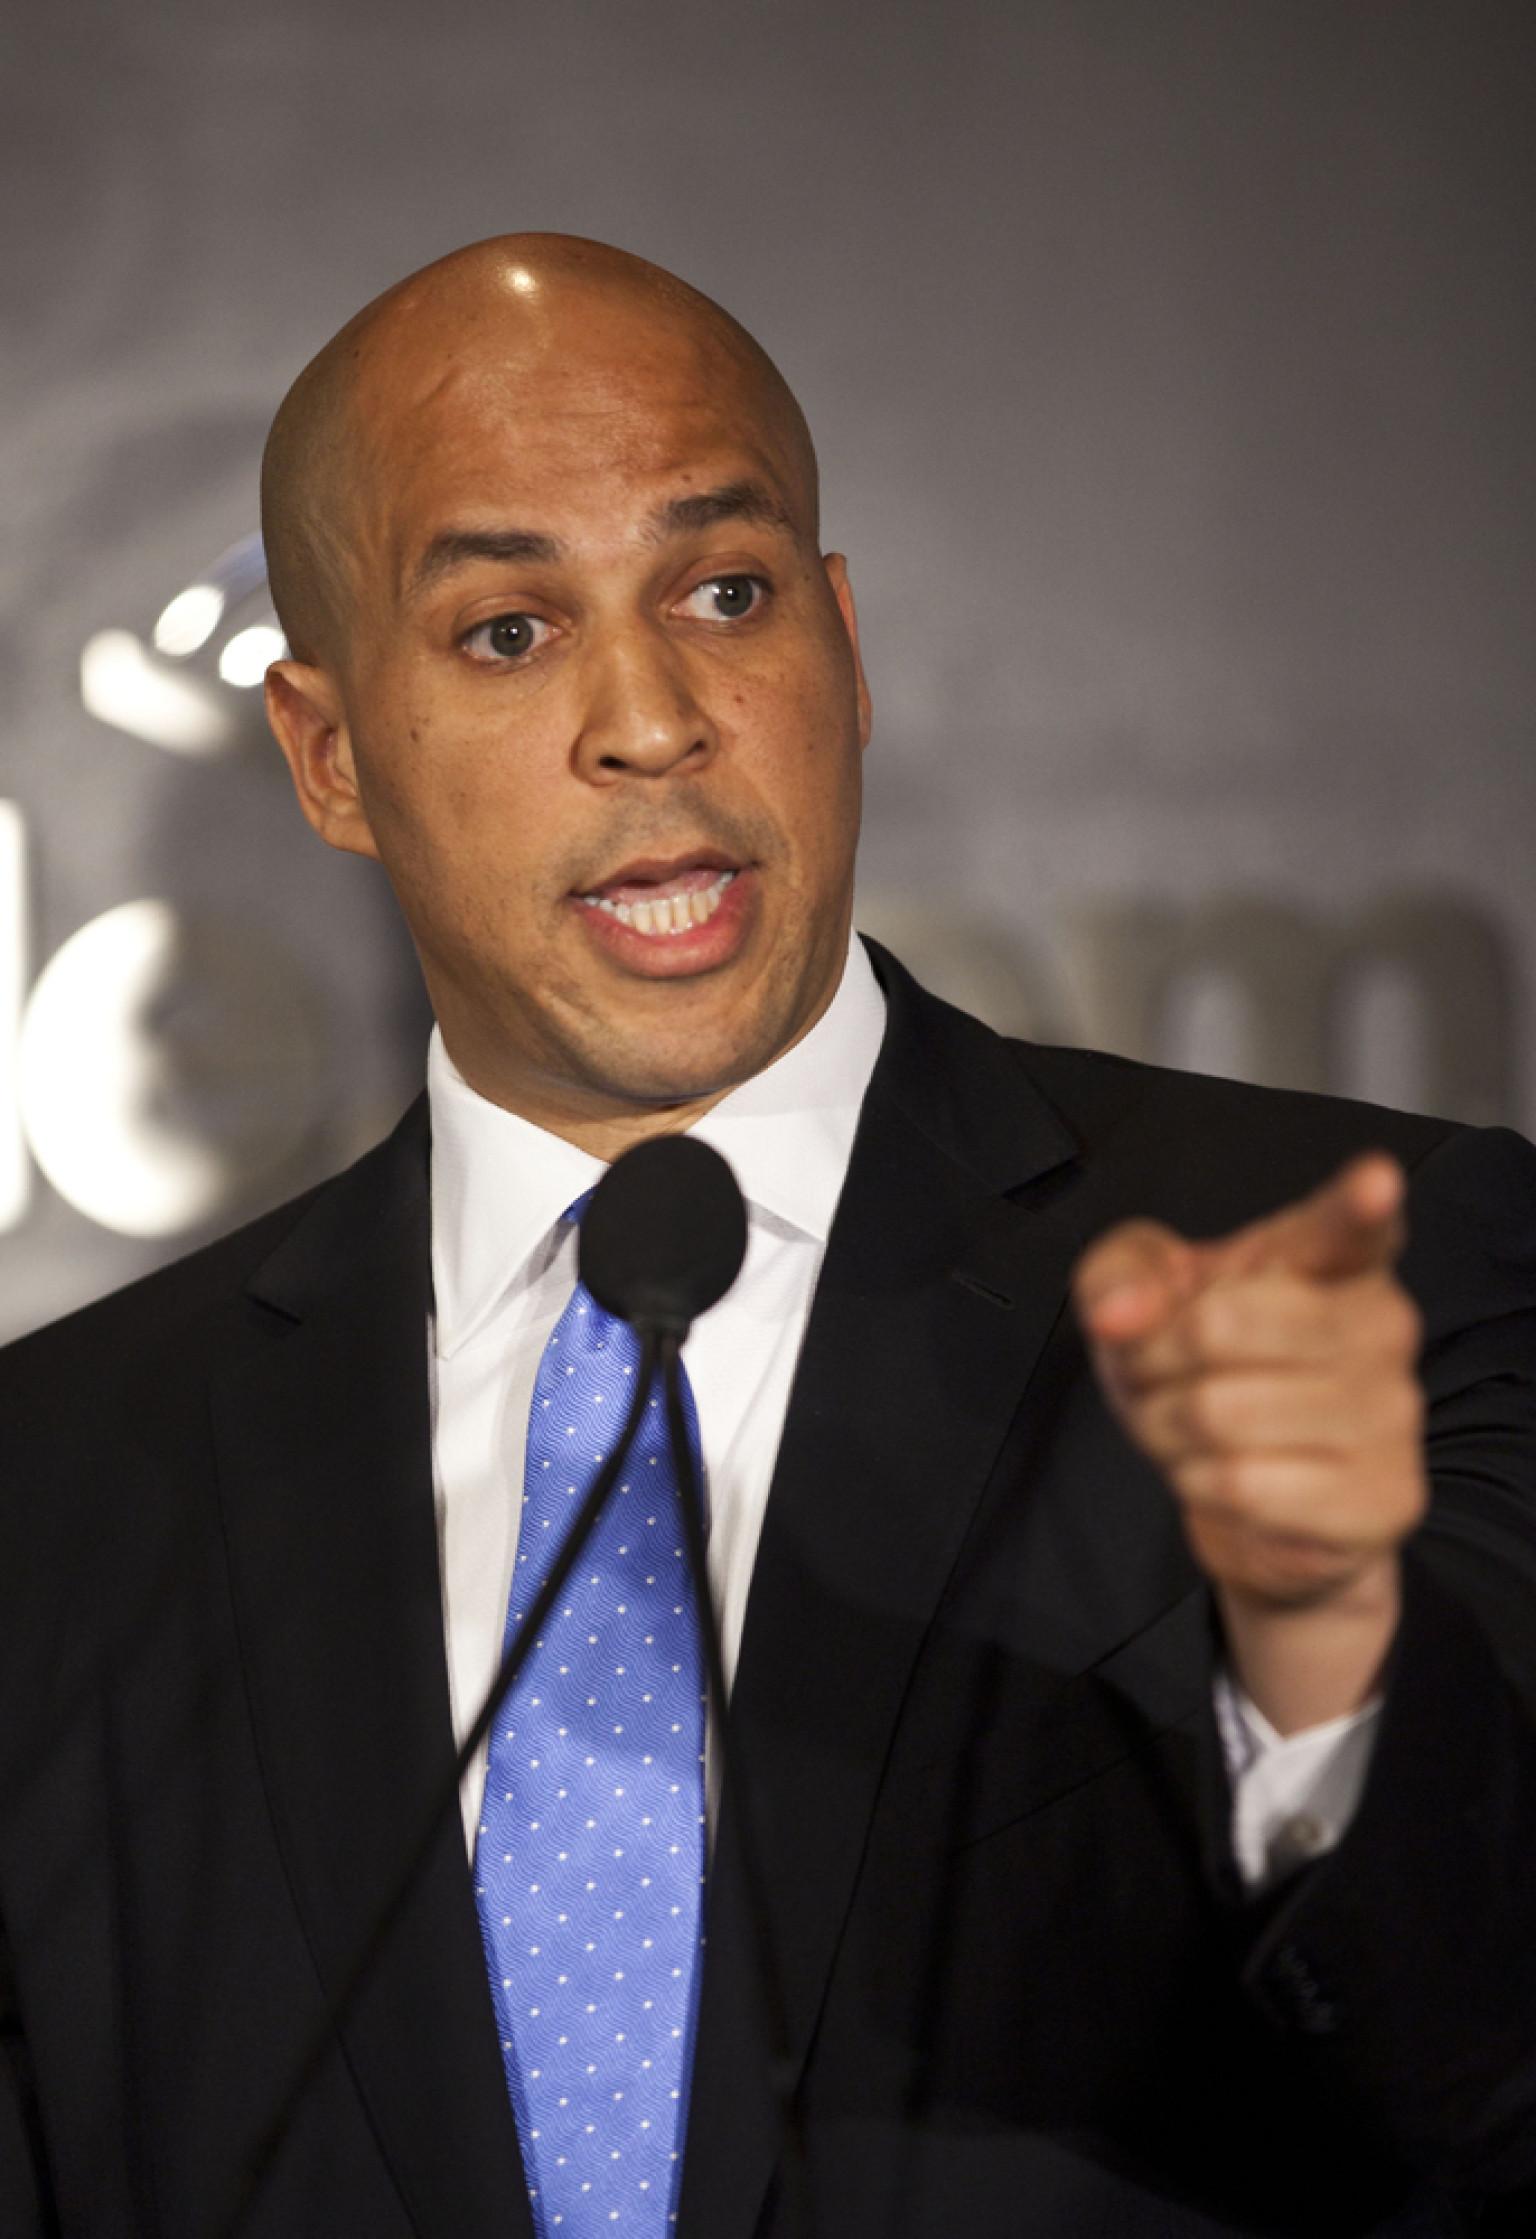 cory booker wins democratic endorsements in senate campaign